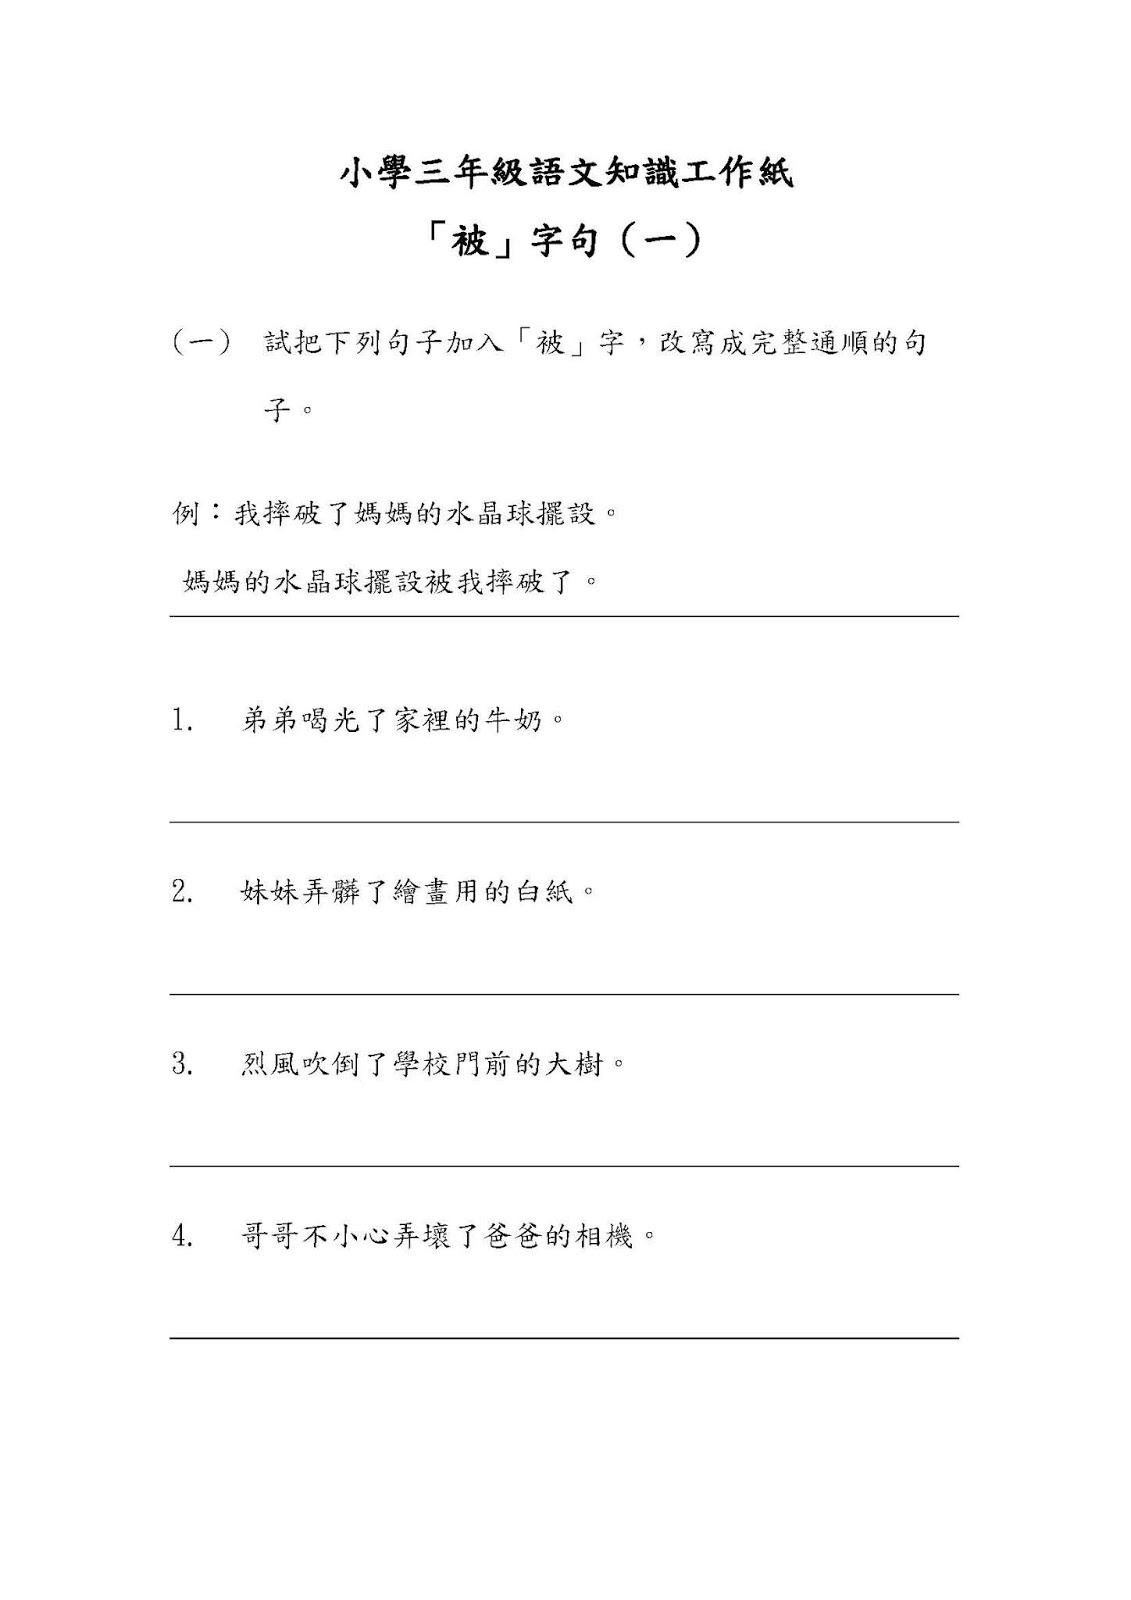 小三語文知識工作紙:「被」字句(一)|中文工作紙|尤莉姐姐的反轉學堂